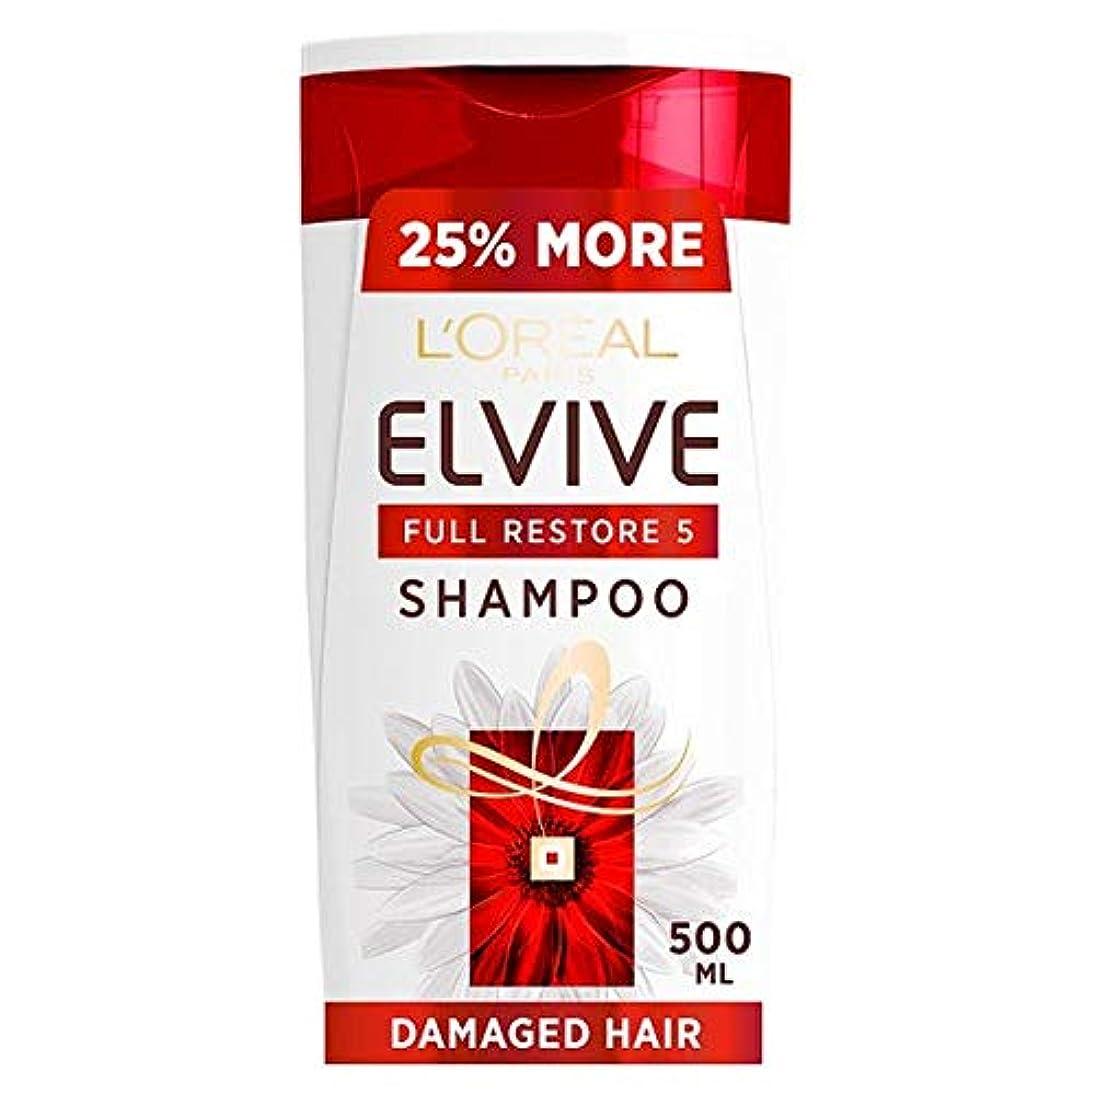 磁気デクリメントサイクロプス[Elvive] ロレアルElvive極度のダメージヘア用シャンプー500ミリリットル - L'oreal Elvive Extreme Damaged Hair Shampoo 500Ml [並行輸入品]